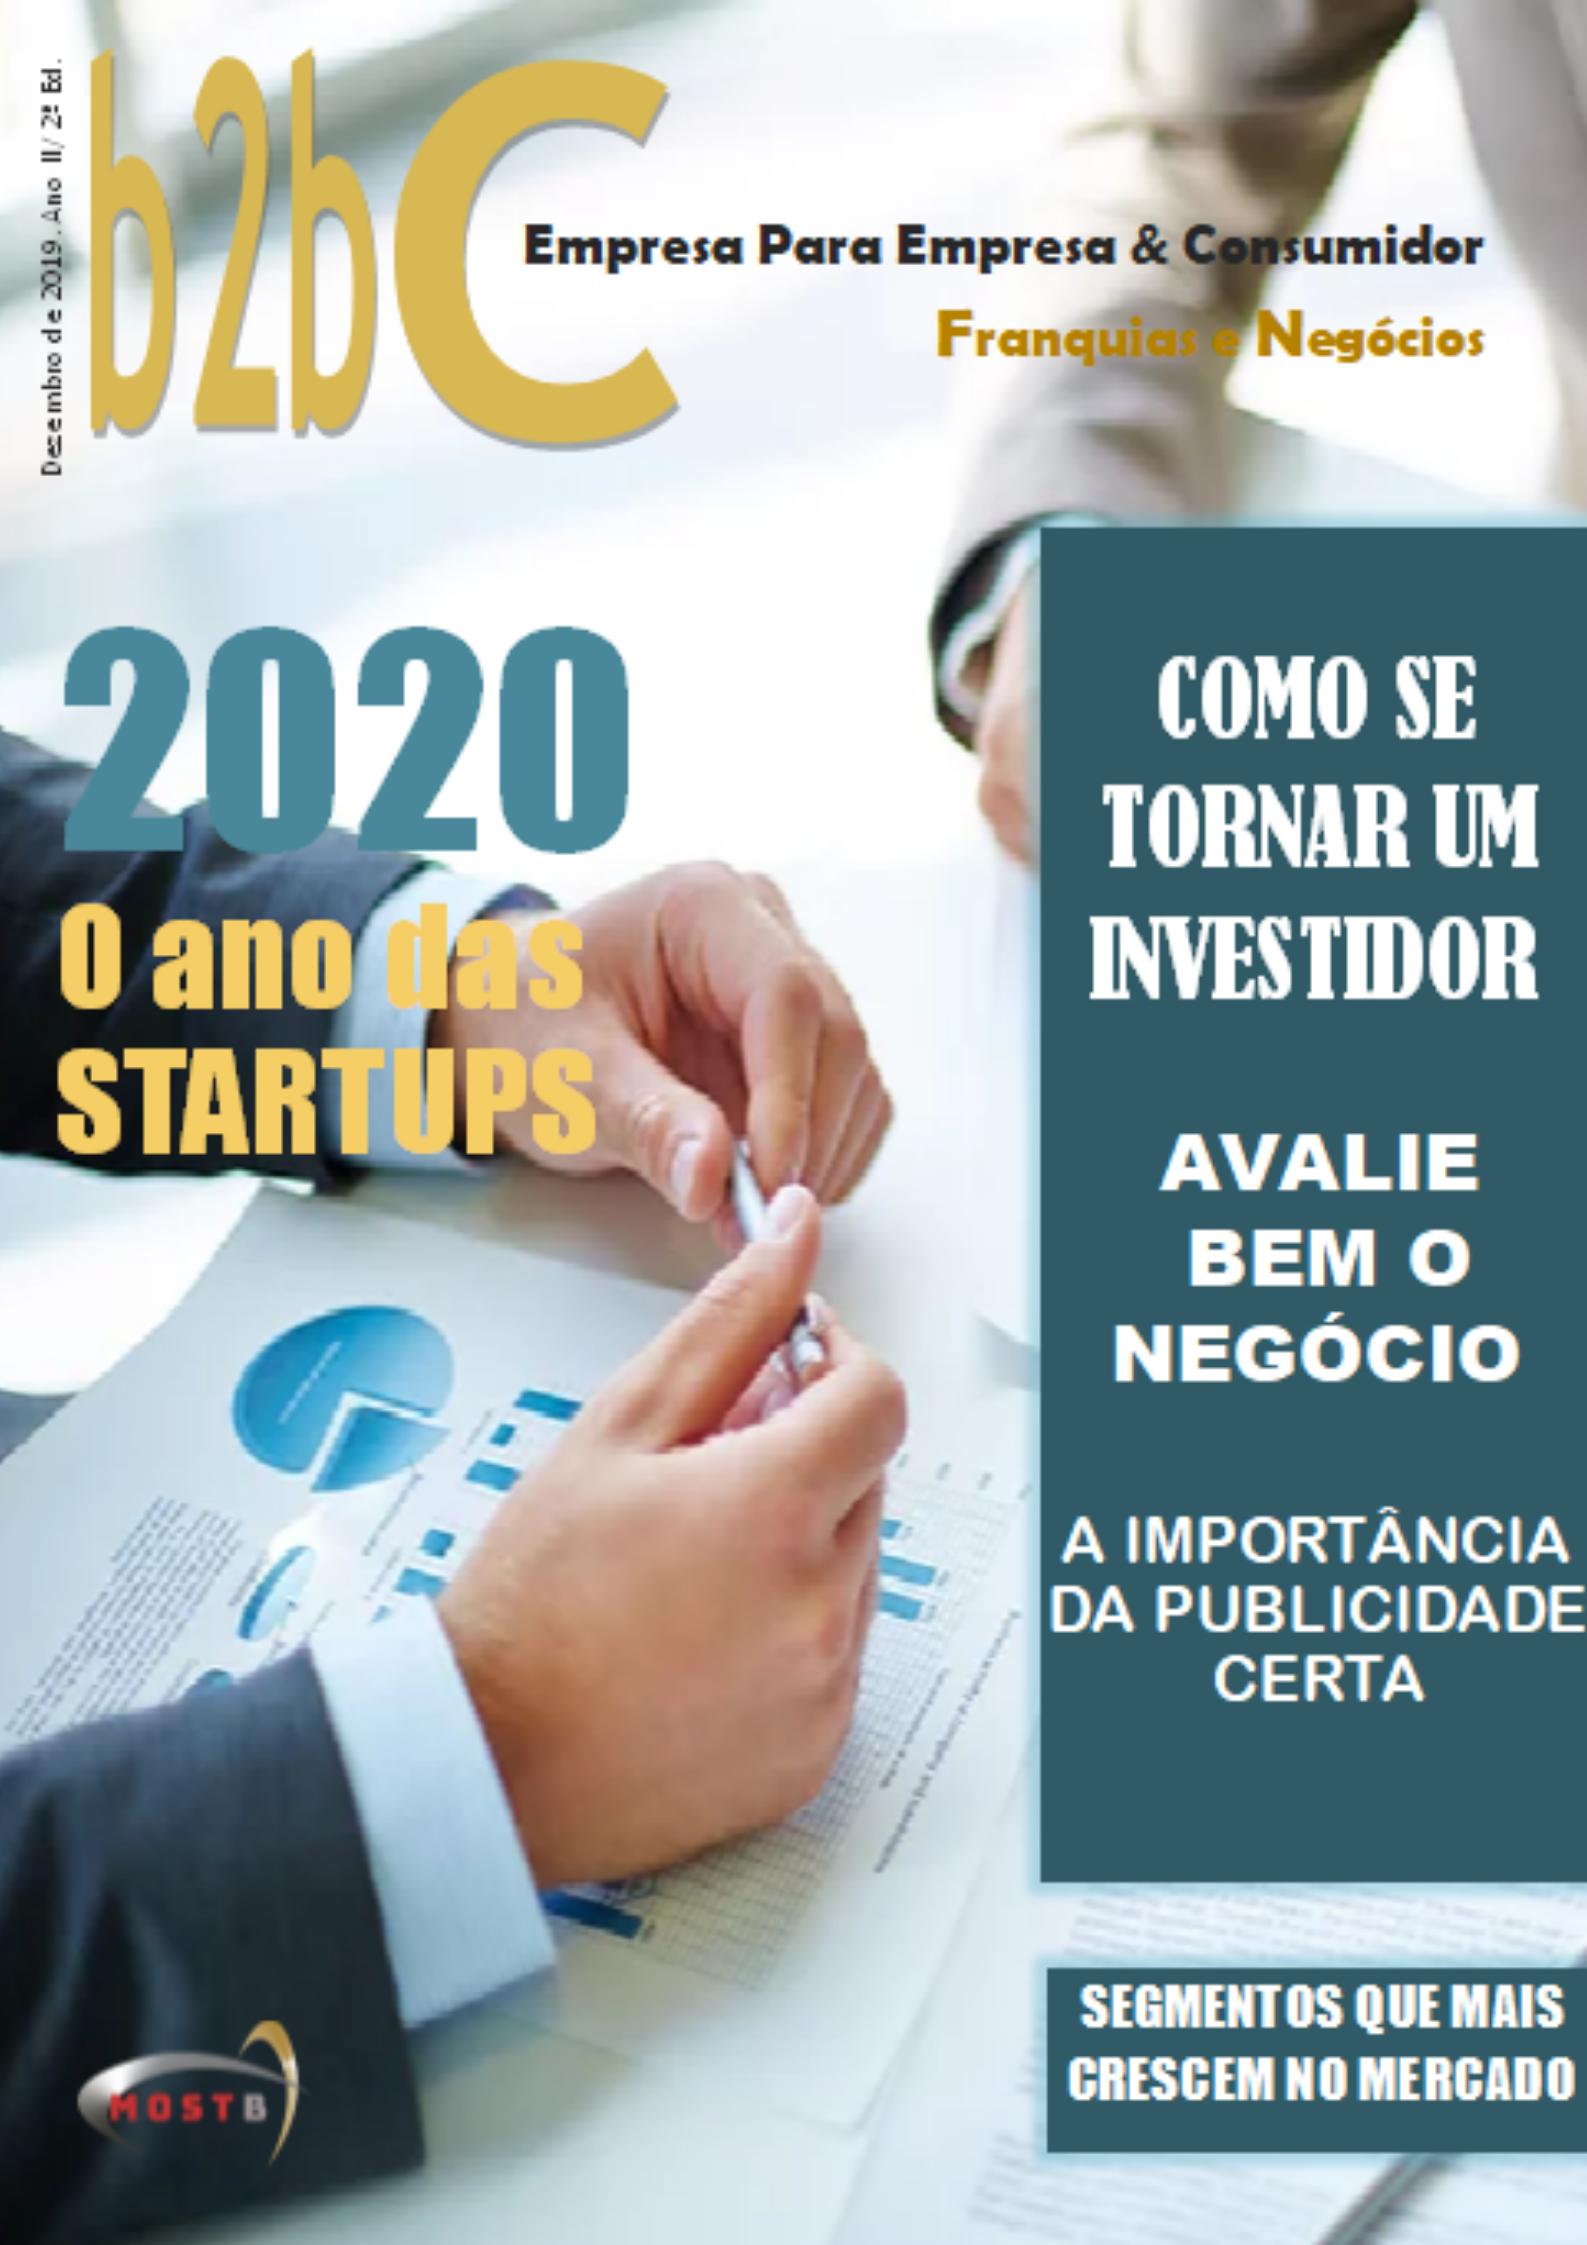 b2bC Franquias e Negócios